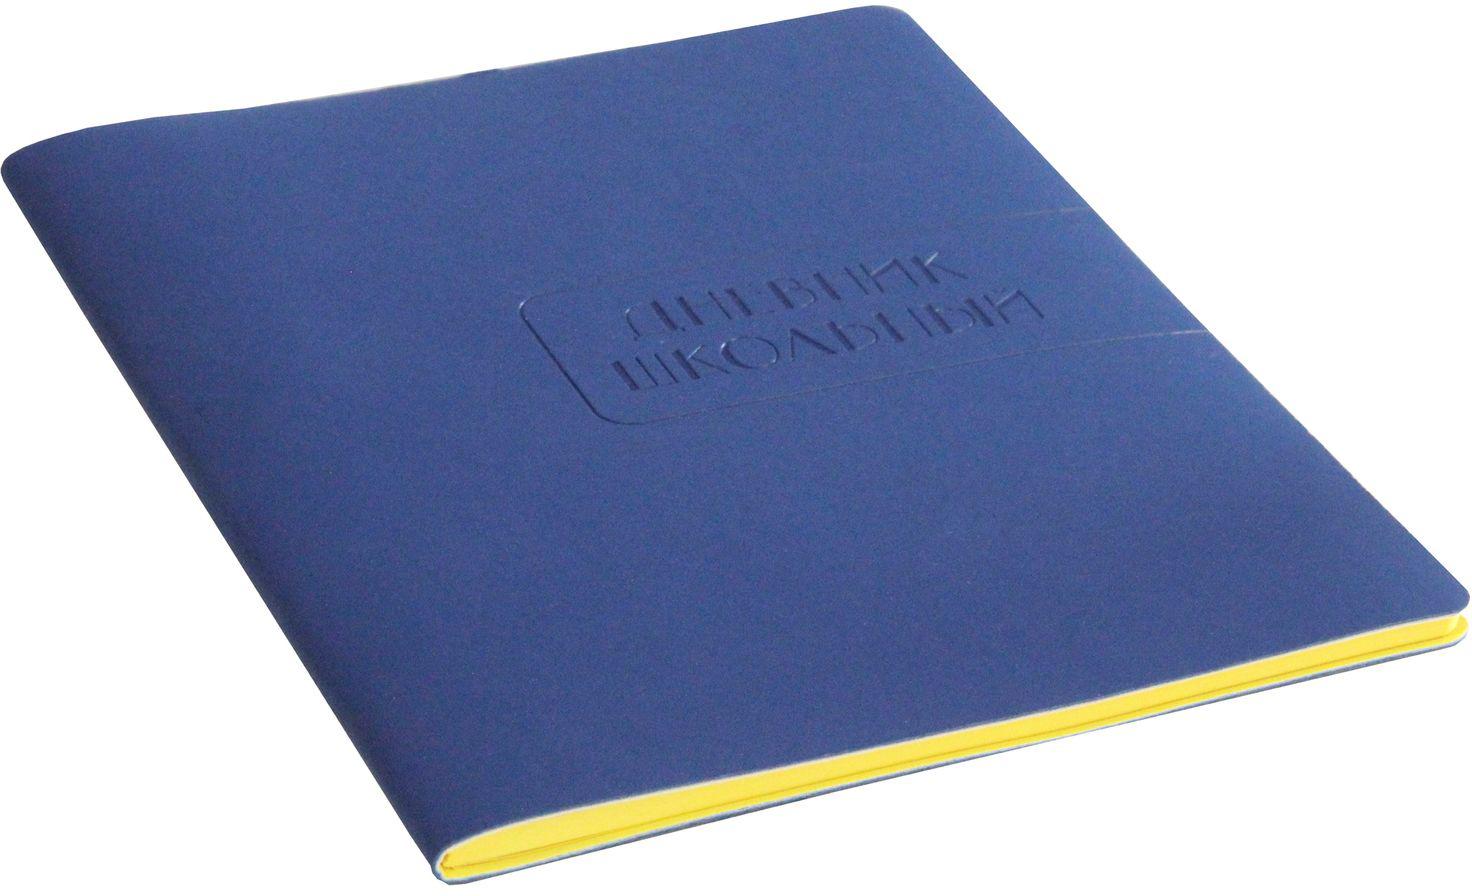 Unnika Land Дневник школьный Soft Touch цвет синий unnika land дневник школьный пушистый друг